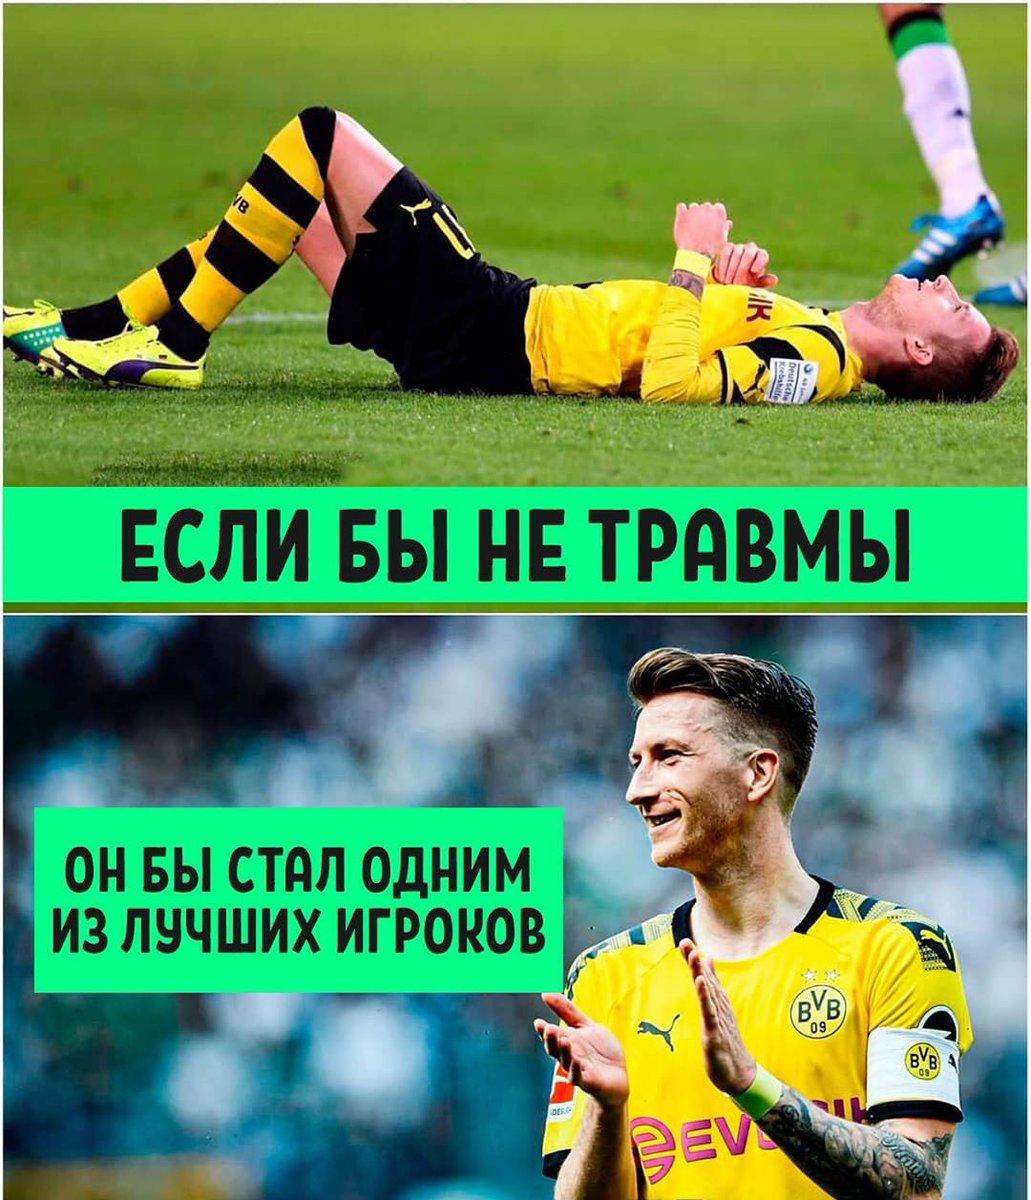 Согласны? #футбол #Ройсpic.twitter.com/6ZlL3rgoKX